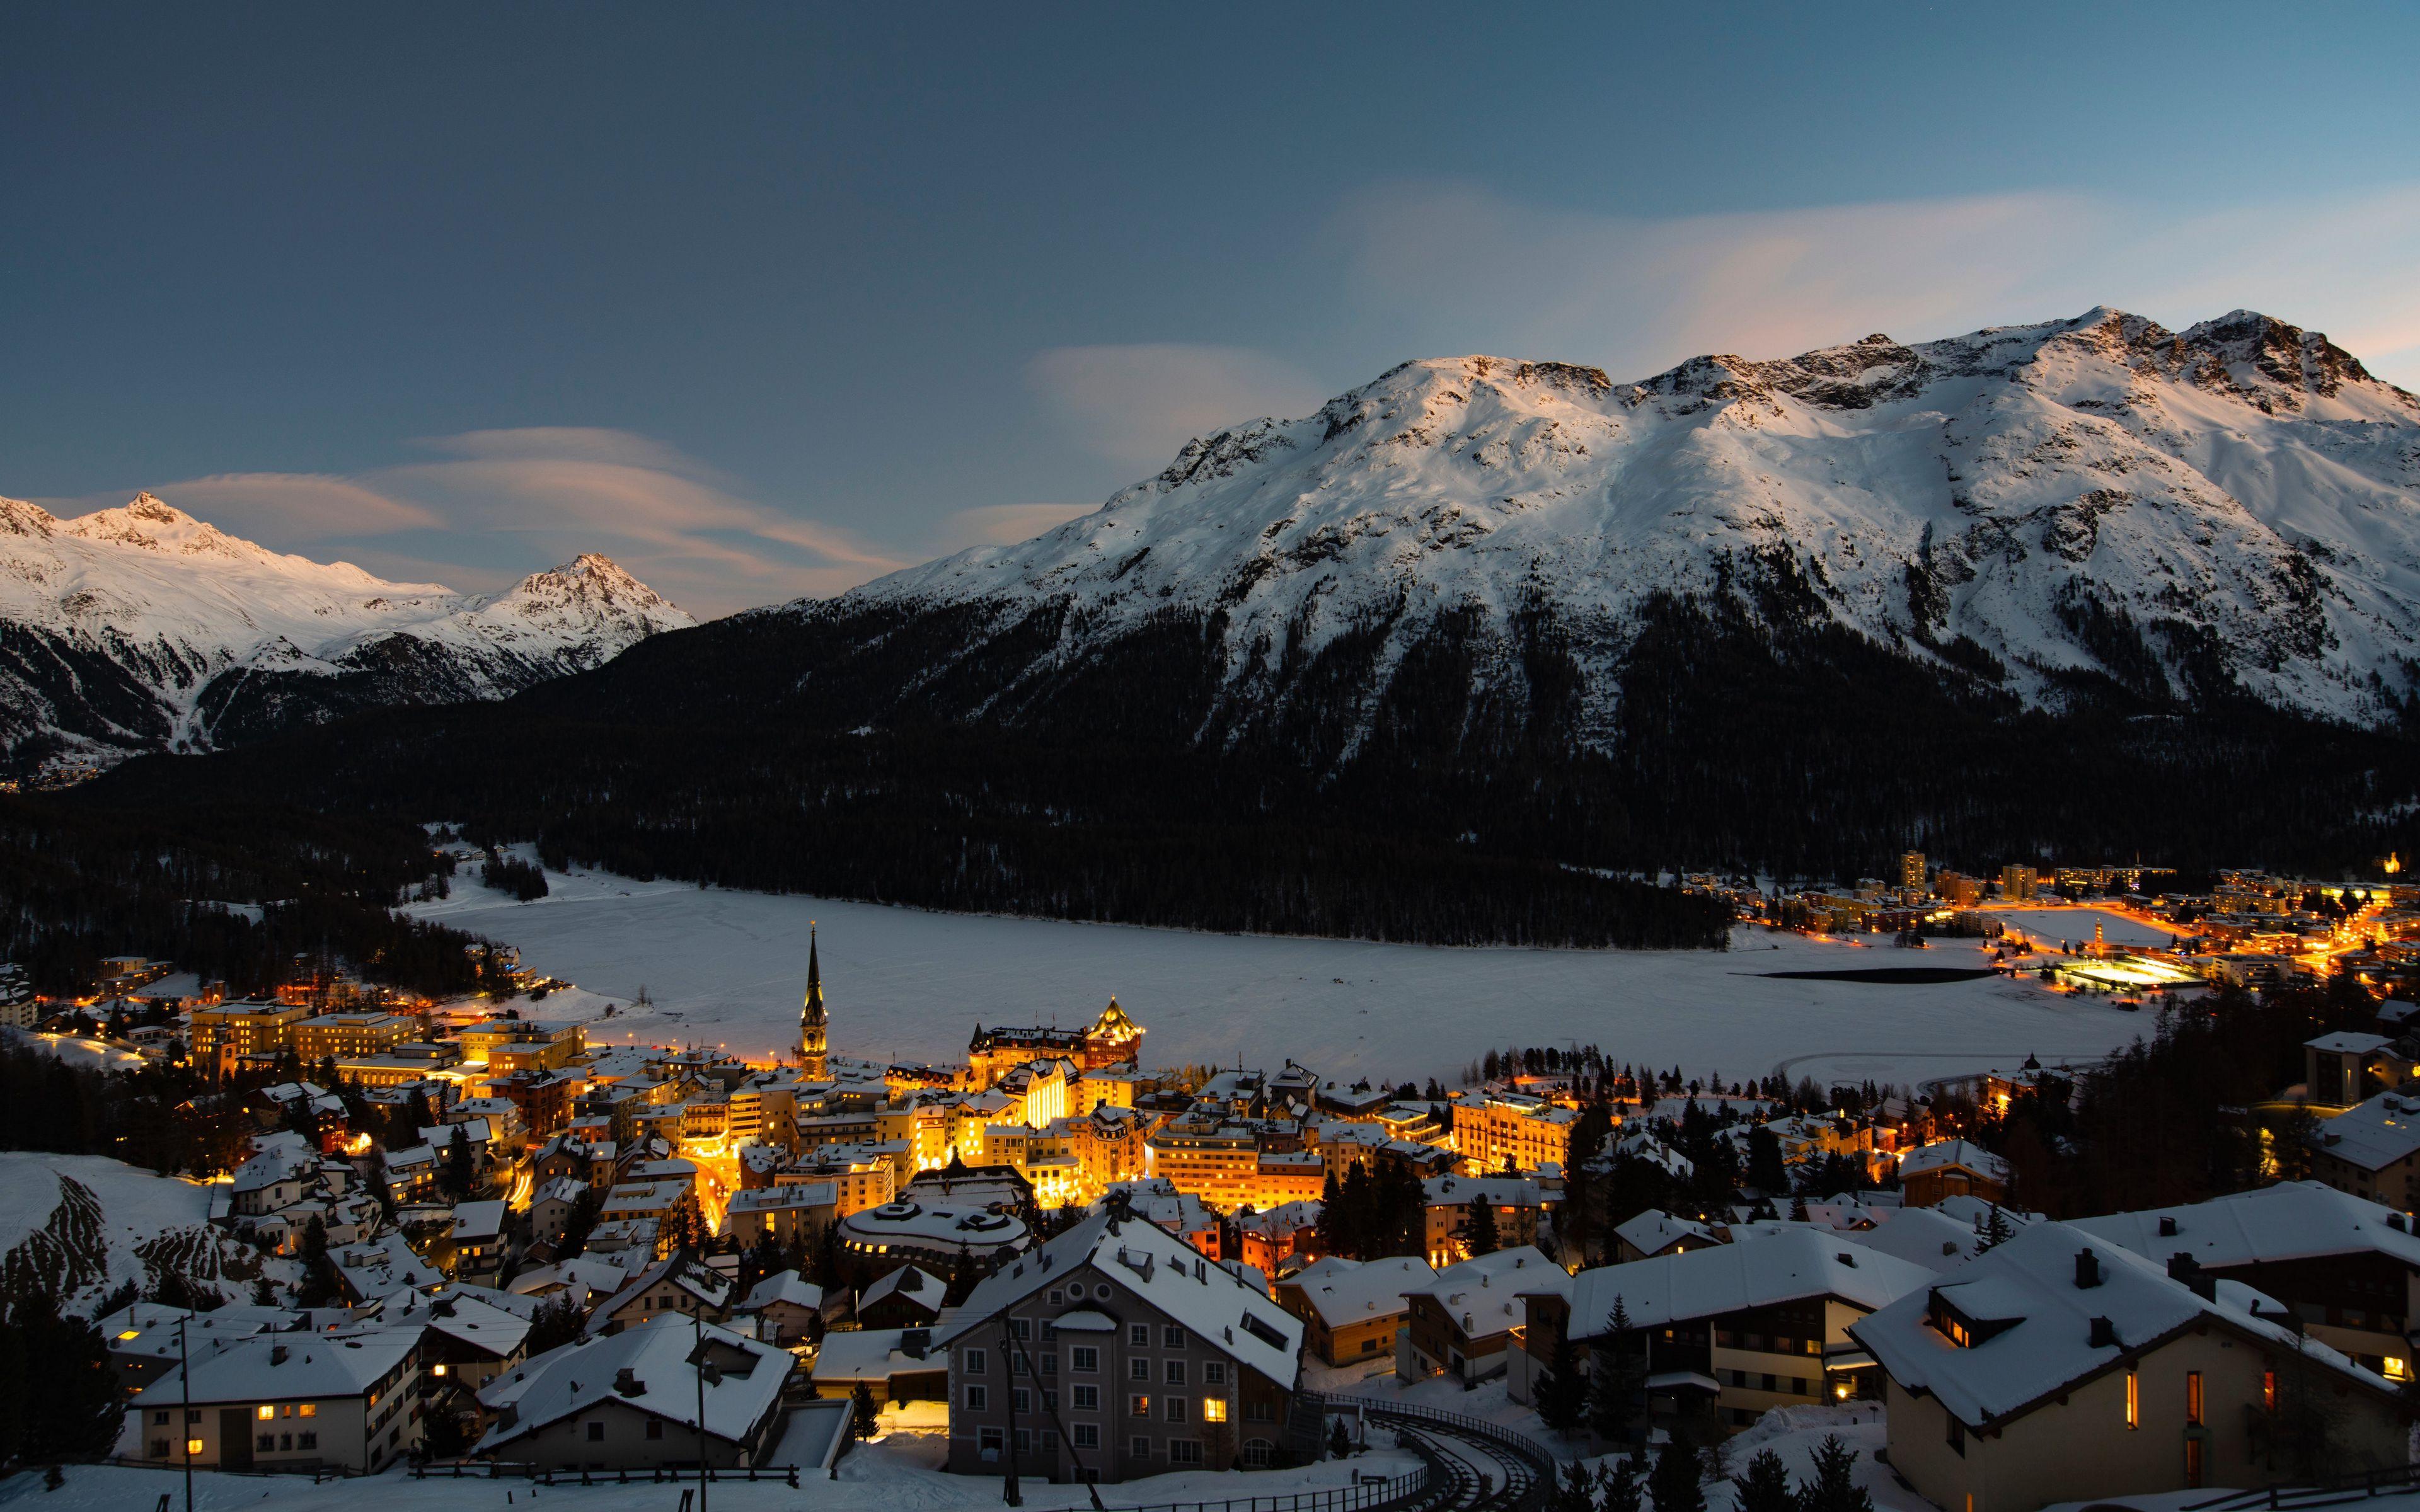 Fondos de pantalla Pueblo en invierno en montañas